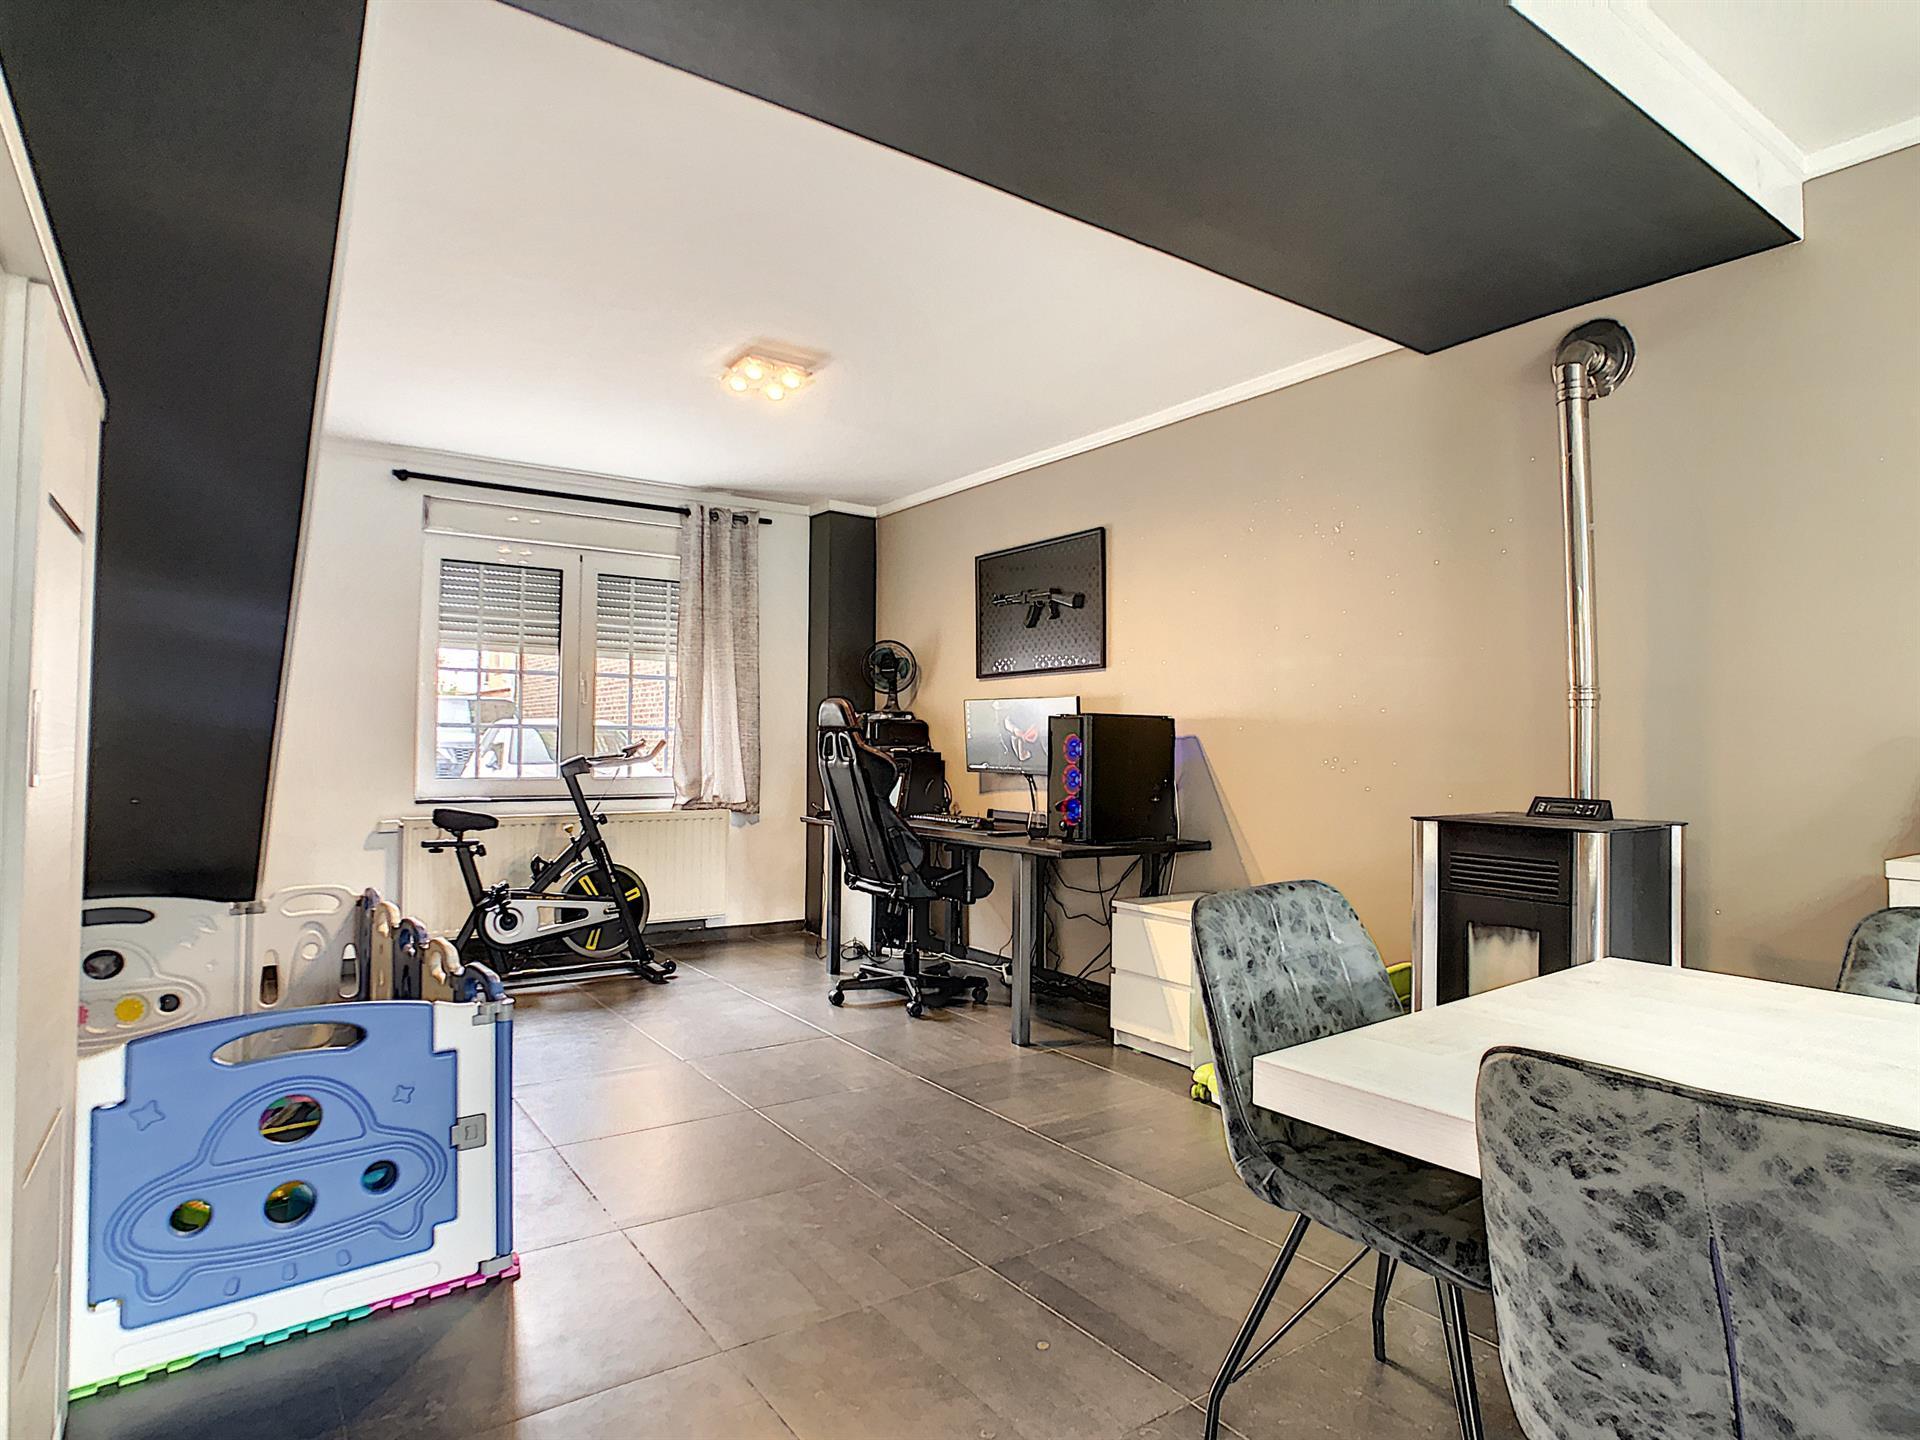 Maison - Sint-Pieters-Leeuw Ruisbroek - #4188539-10